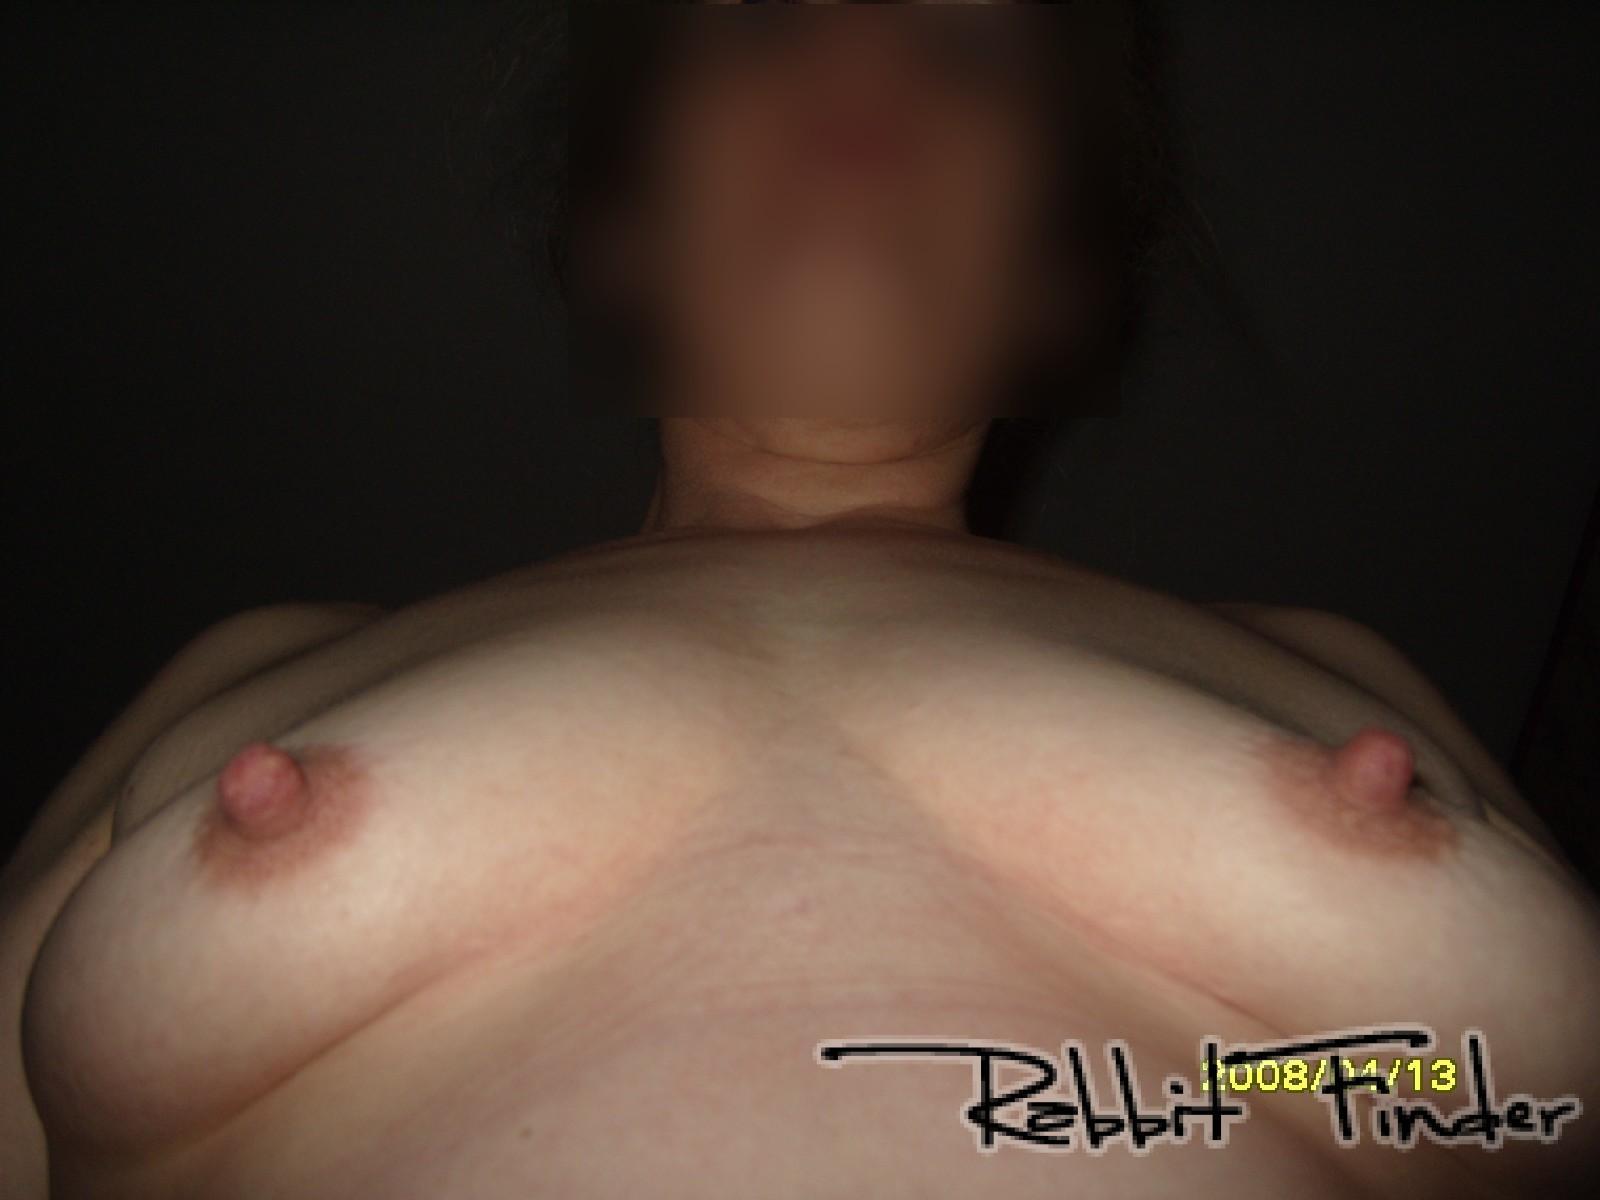 Tara reid naked in the shower